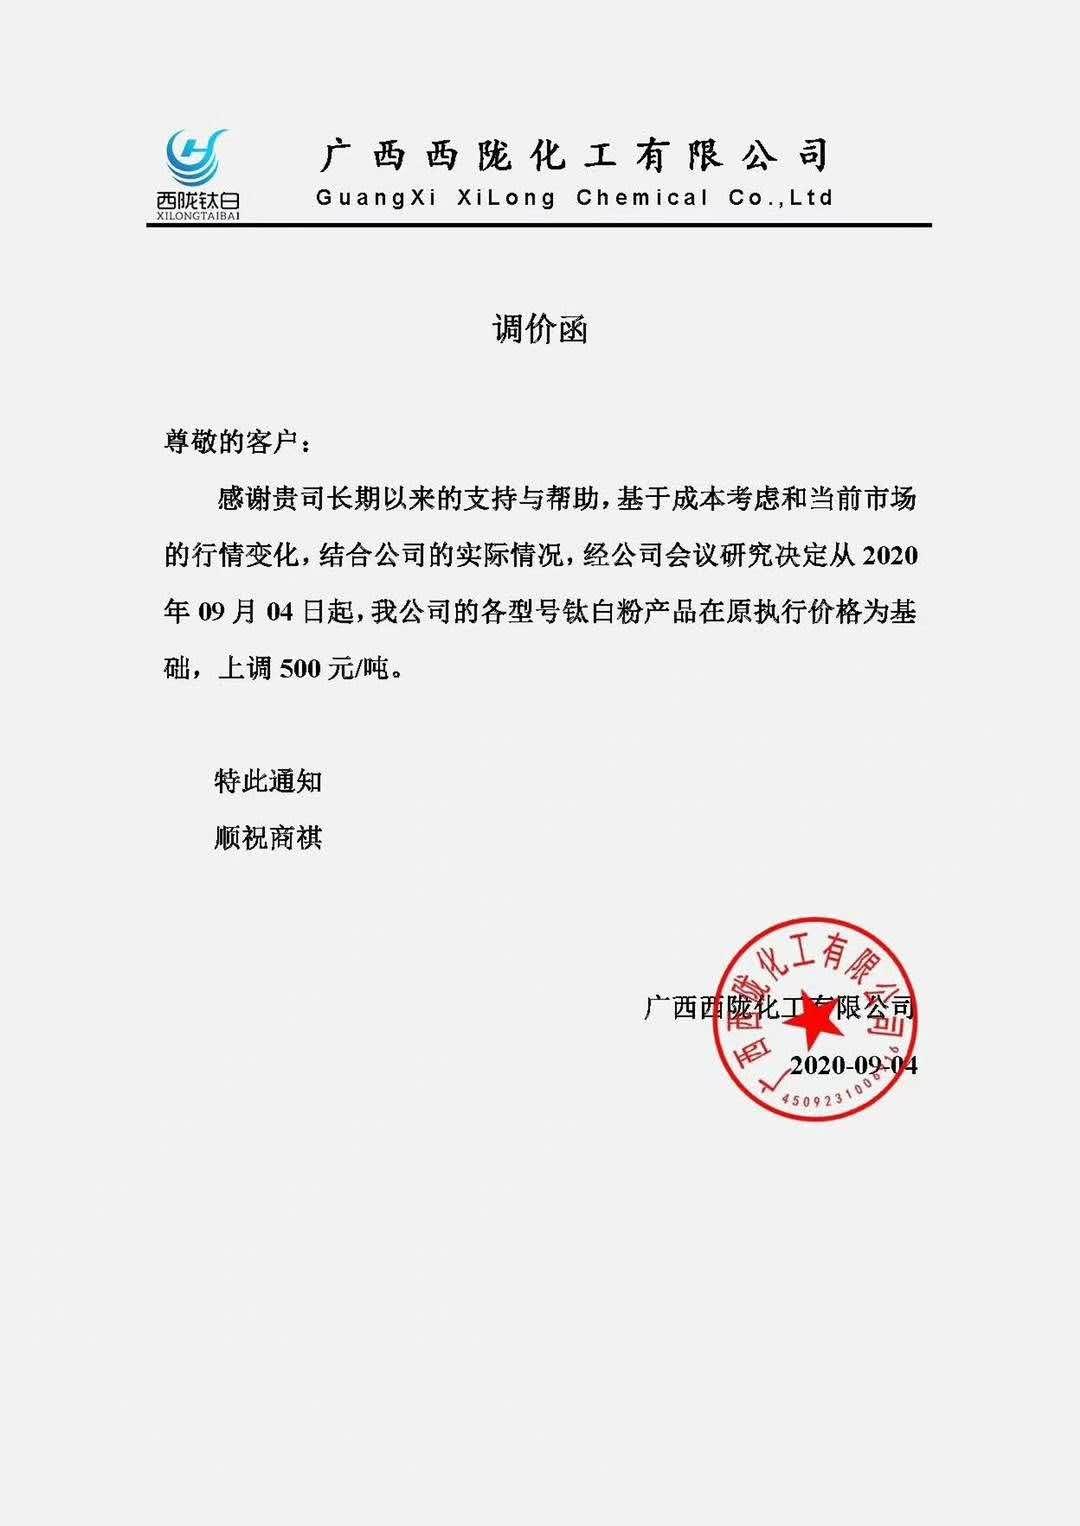 广西西陇化工宣布钛白价格上调